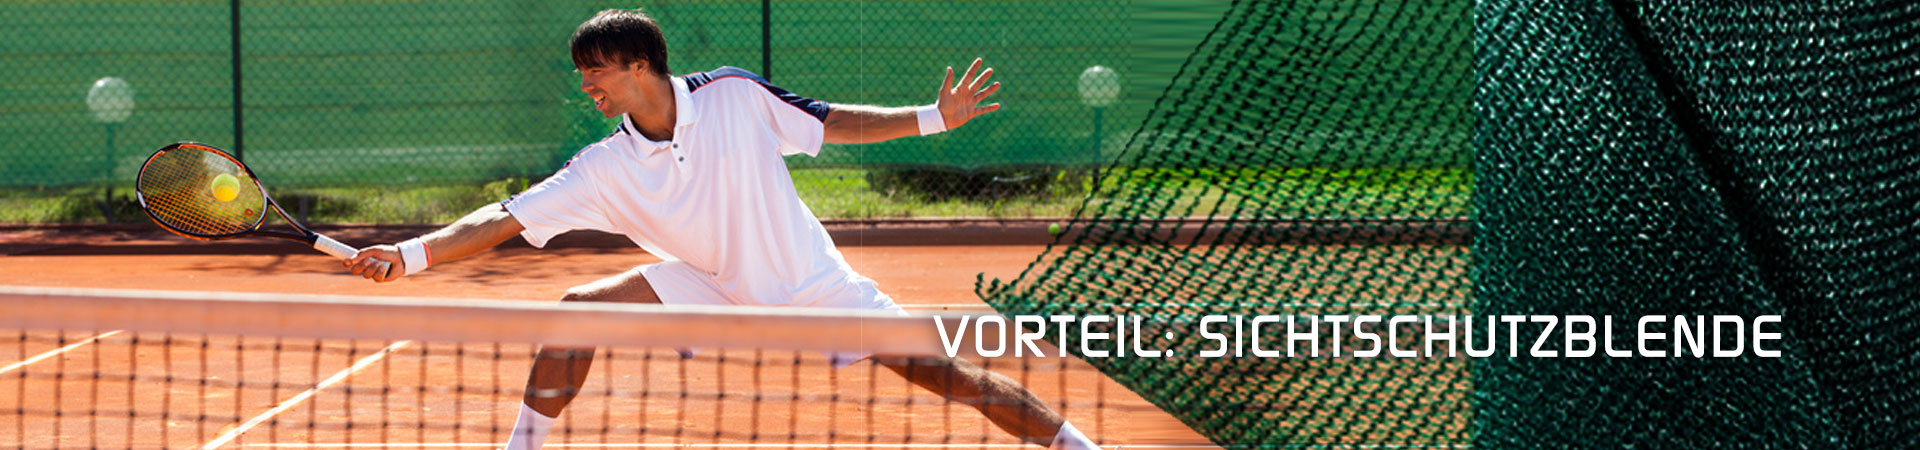 Tennisspieler vor und neben grüner Sichtschutzblende